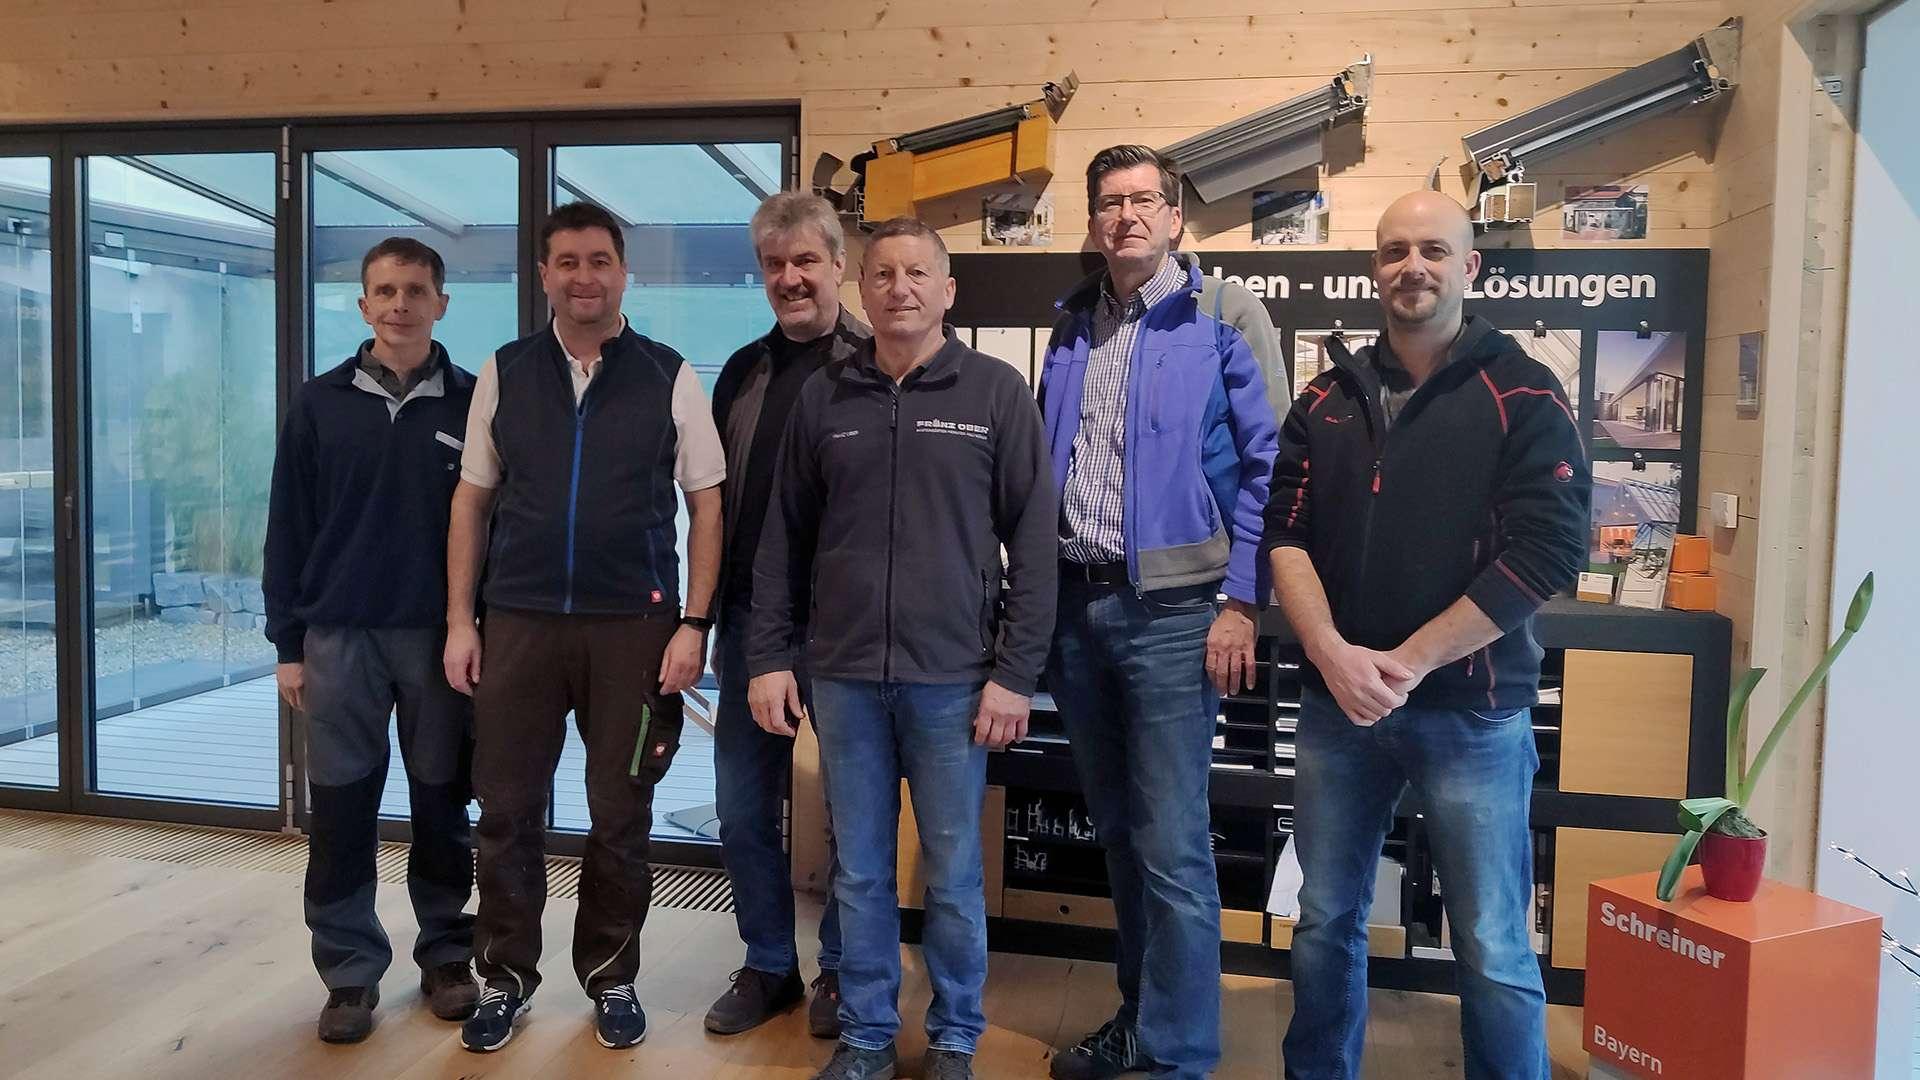 Gruppenbild Berufsschullehrer mit Franz Ober in der Ausstellung der Schreinerei Ober in Neuötting